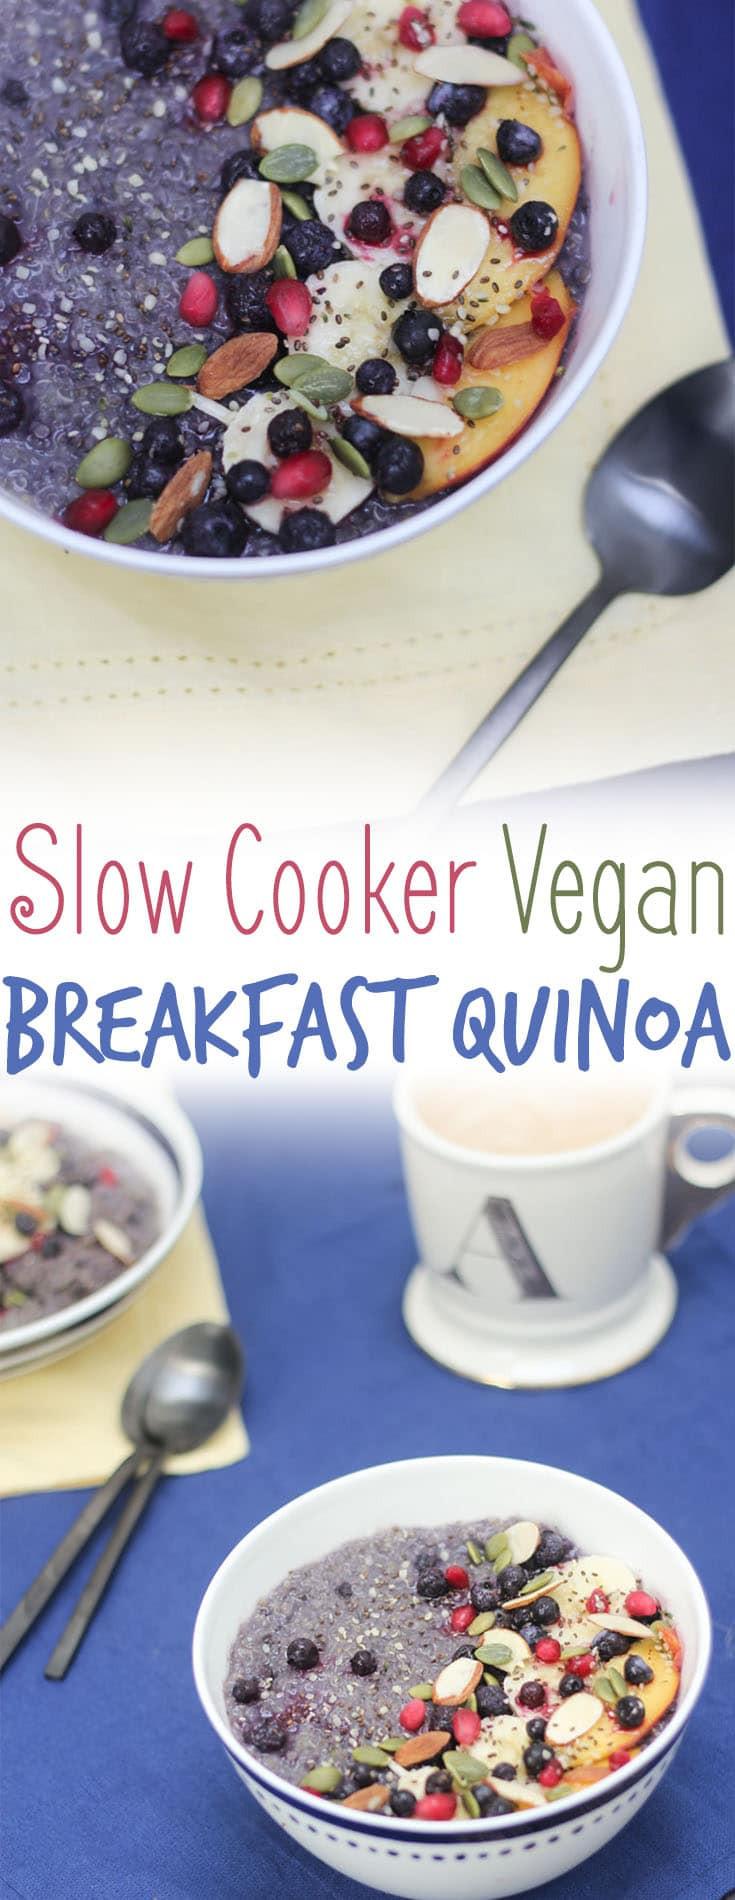 Healthy Slow Cooker Breakfast  Slow Cooker Vegan Breakfast Quinoa with Blueberries and